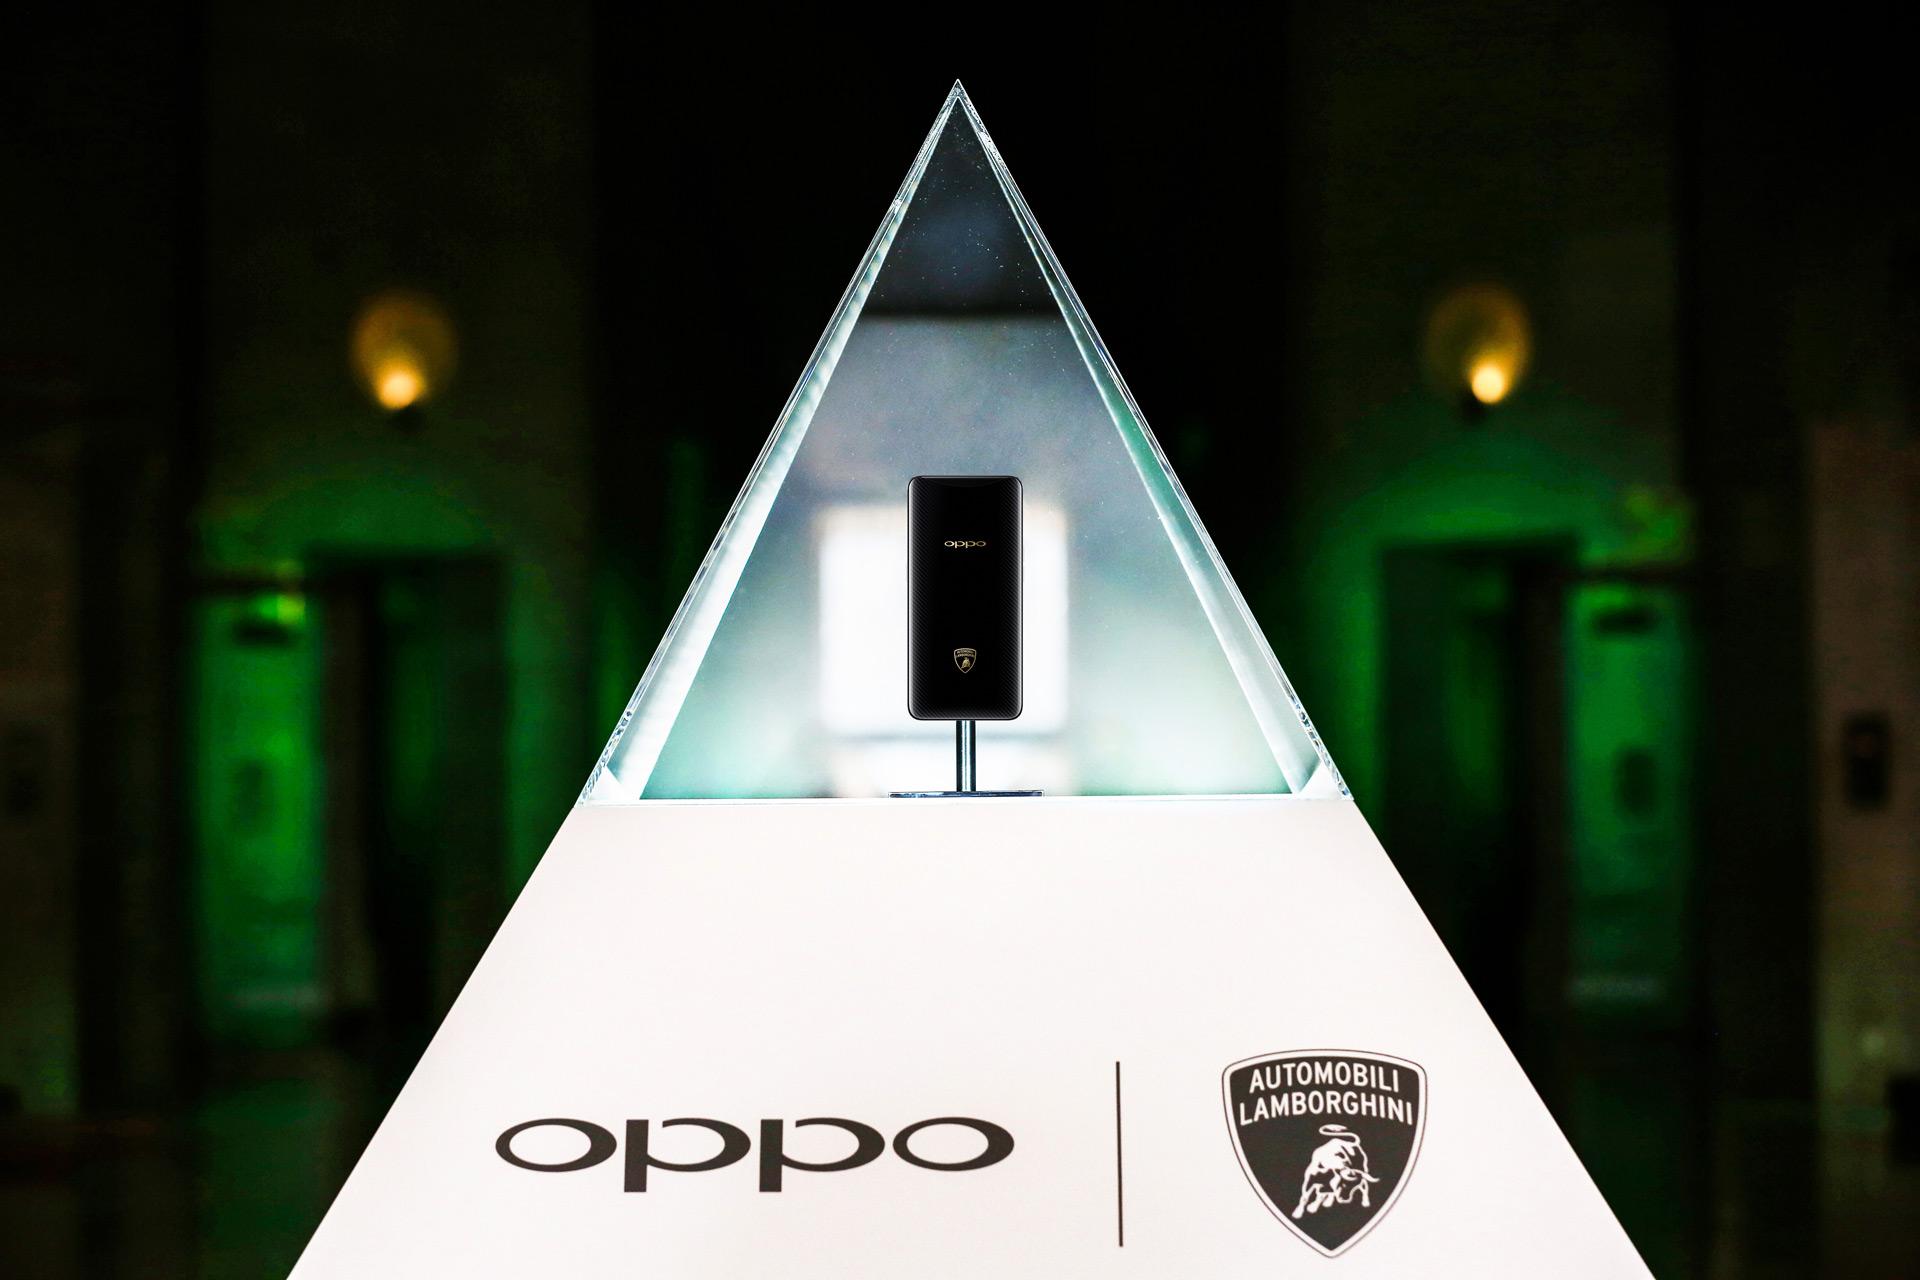 Automobili Lamborghini и OPPO объявляют о глобальном стратегическом партнерстве